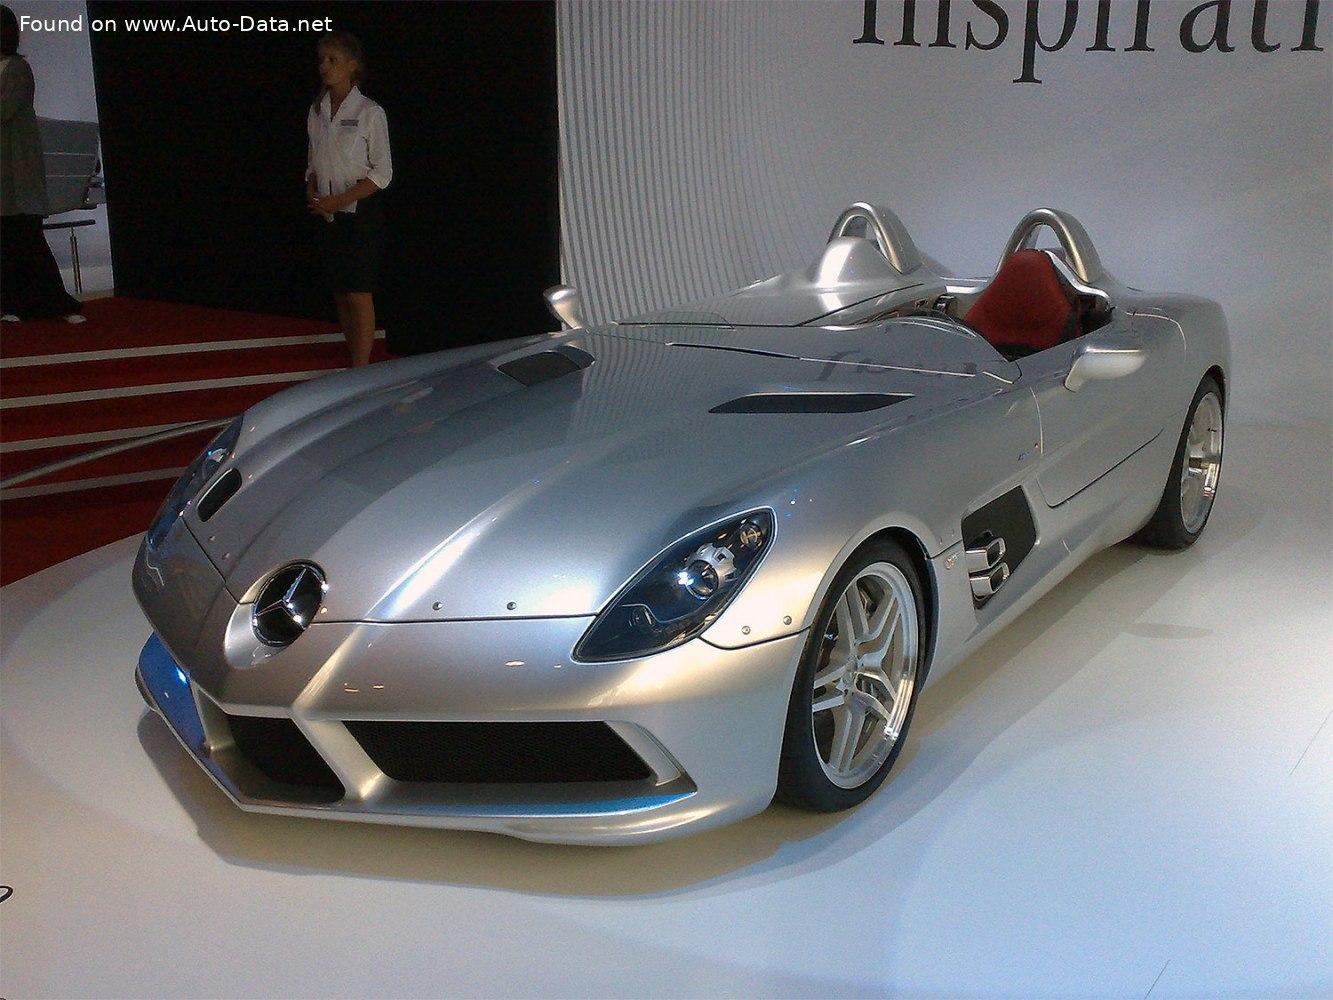 مرسدس بنز SLR مکلارن استرلینگ ماس تولید سال 2009 میلادیslr mclaren